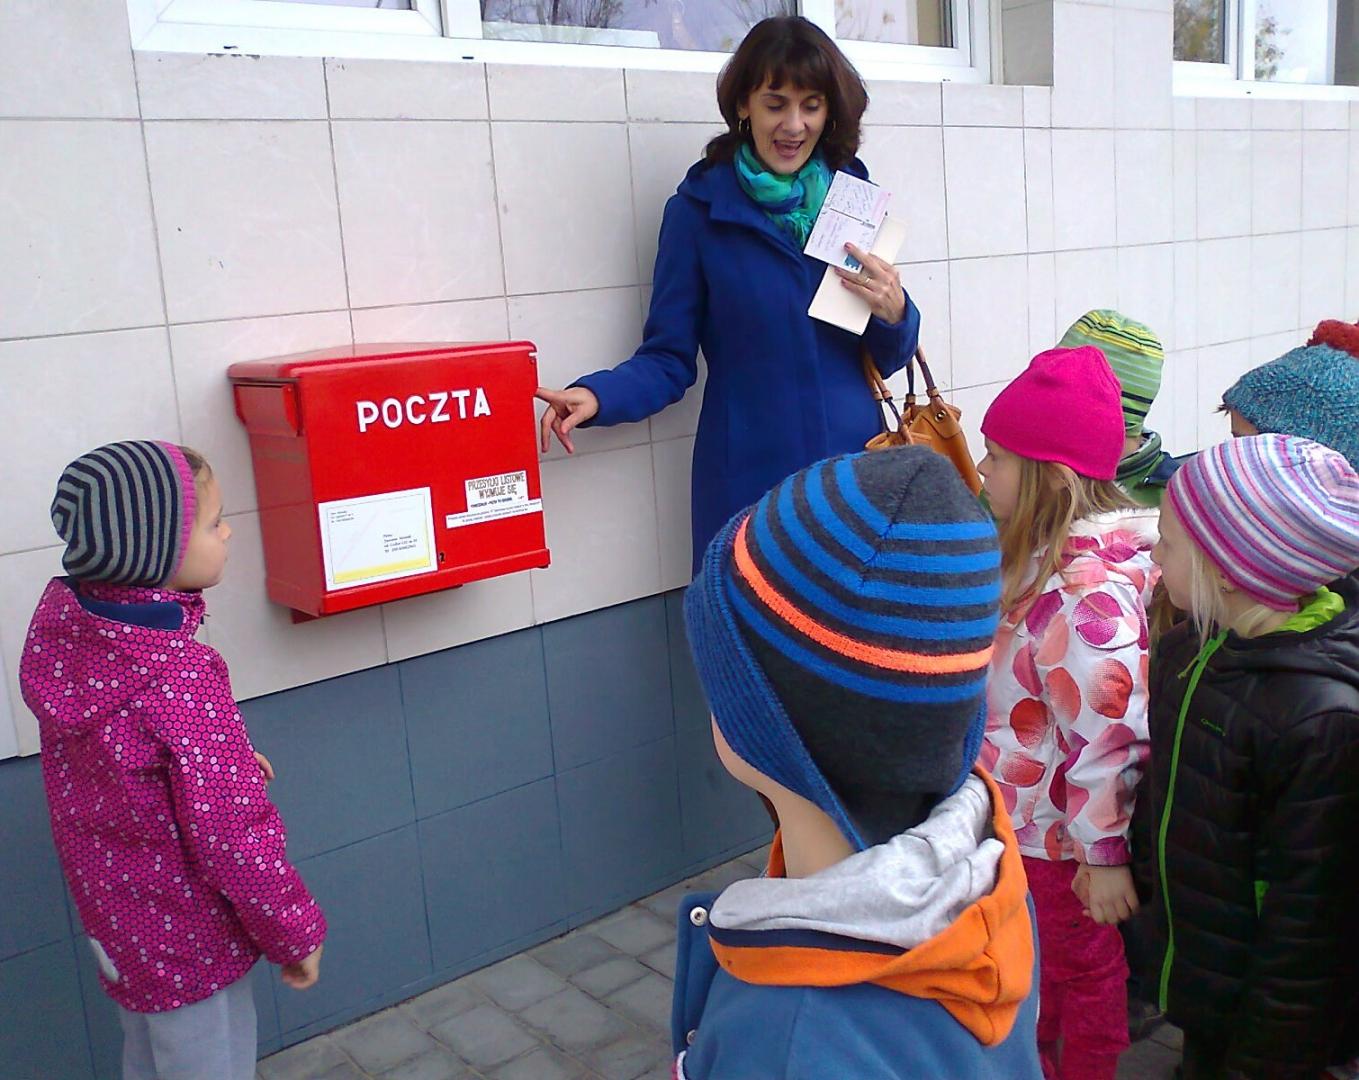 poczta-8